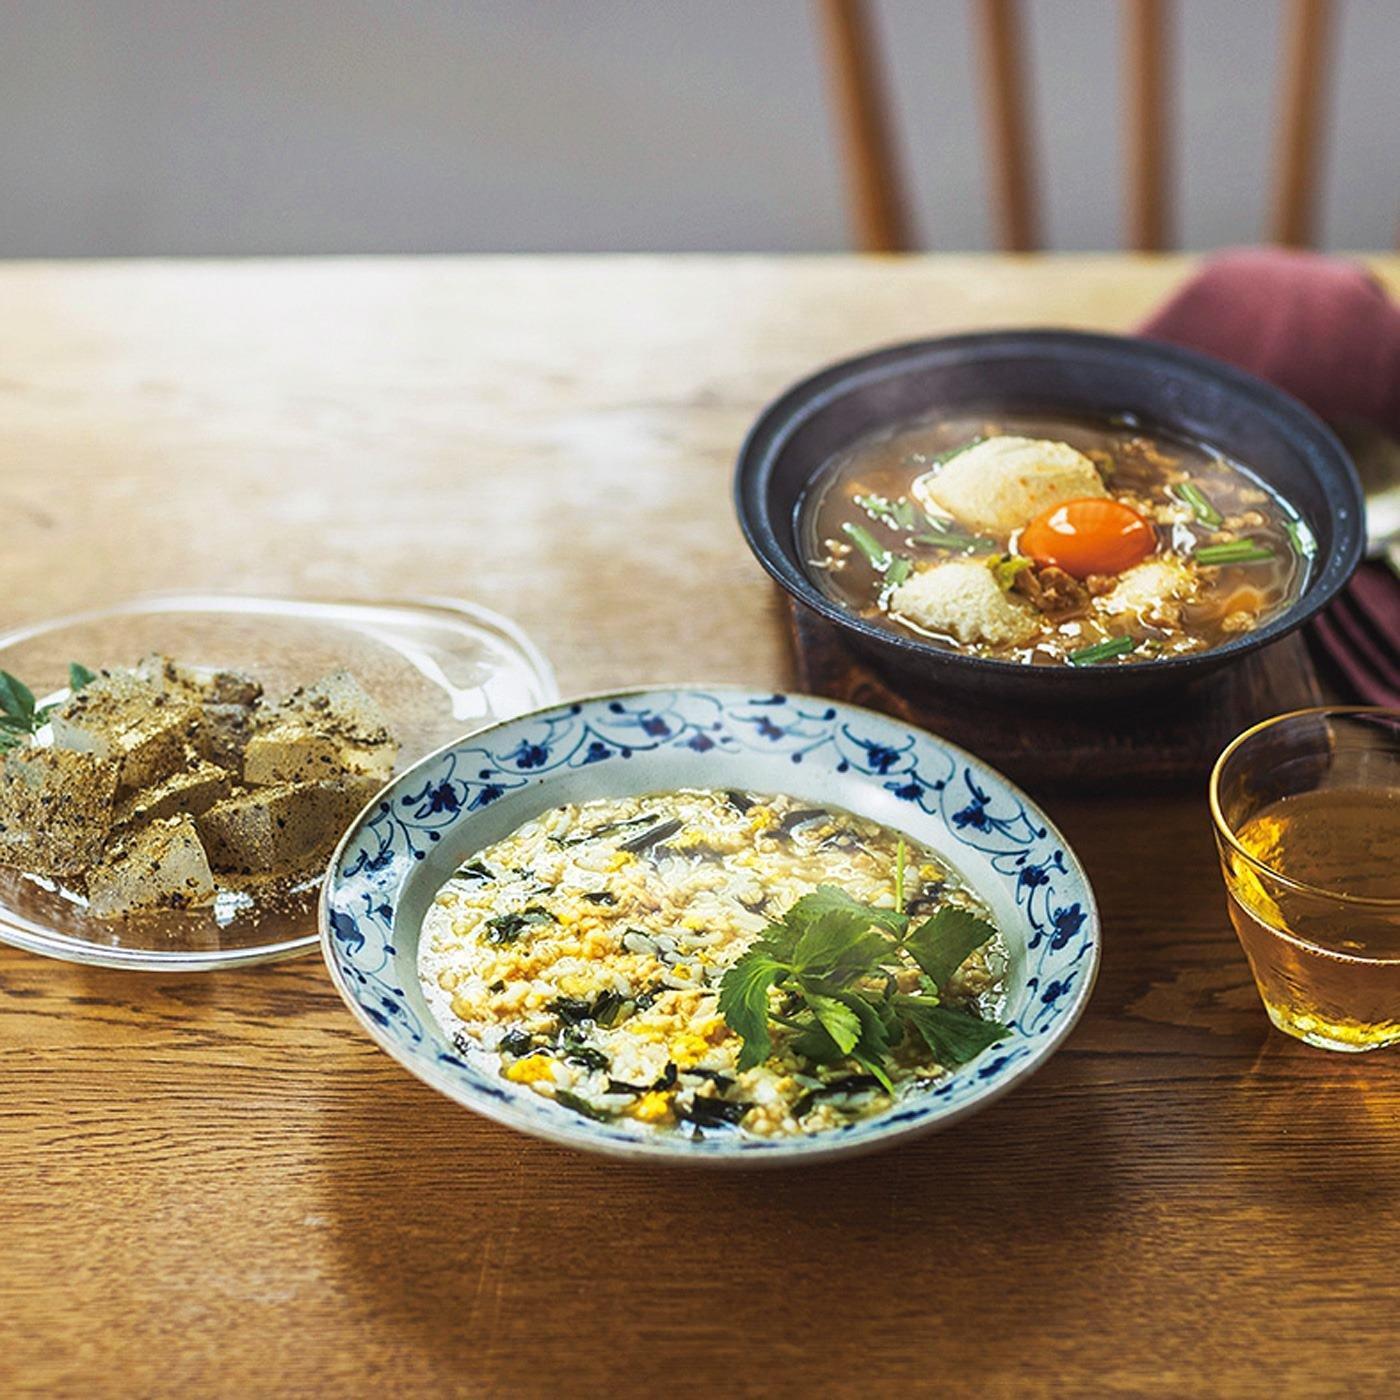 和スイーツが加わった おいしくキレイにゆるやか ローカーボ低糖質雑炊とからだが喜ぶスープセットの会(12回予約)